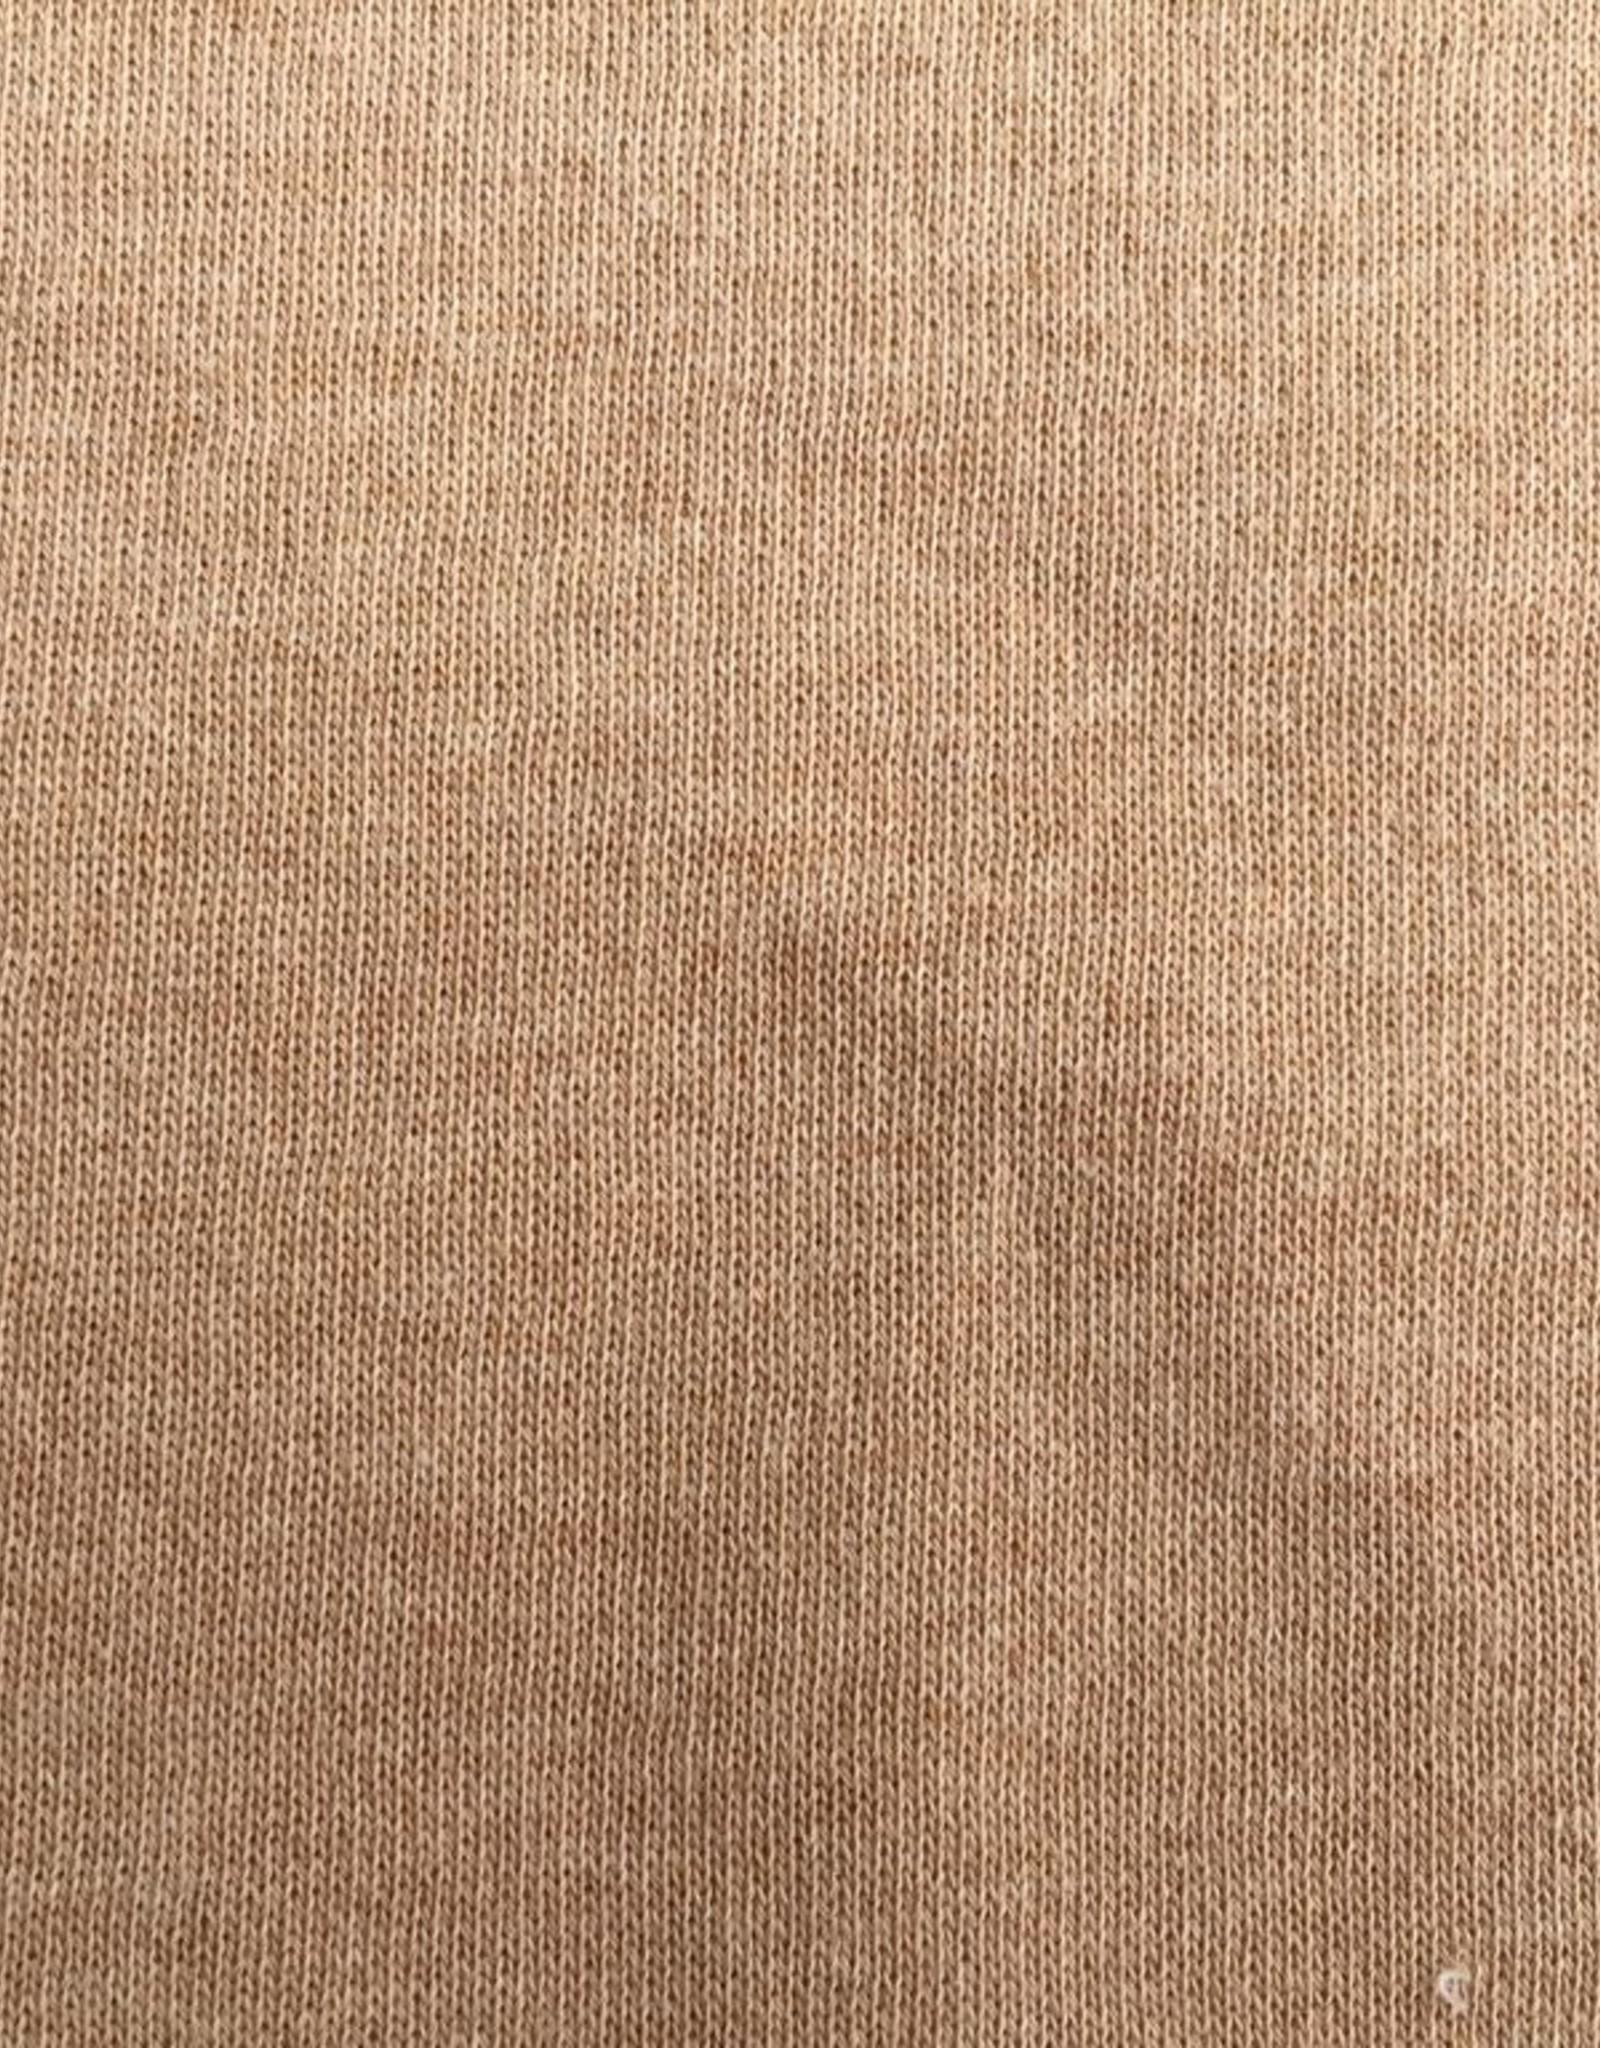 Fleece brown OCCGuarantee  280grs.